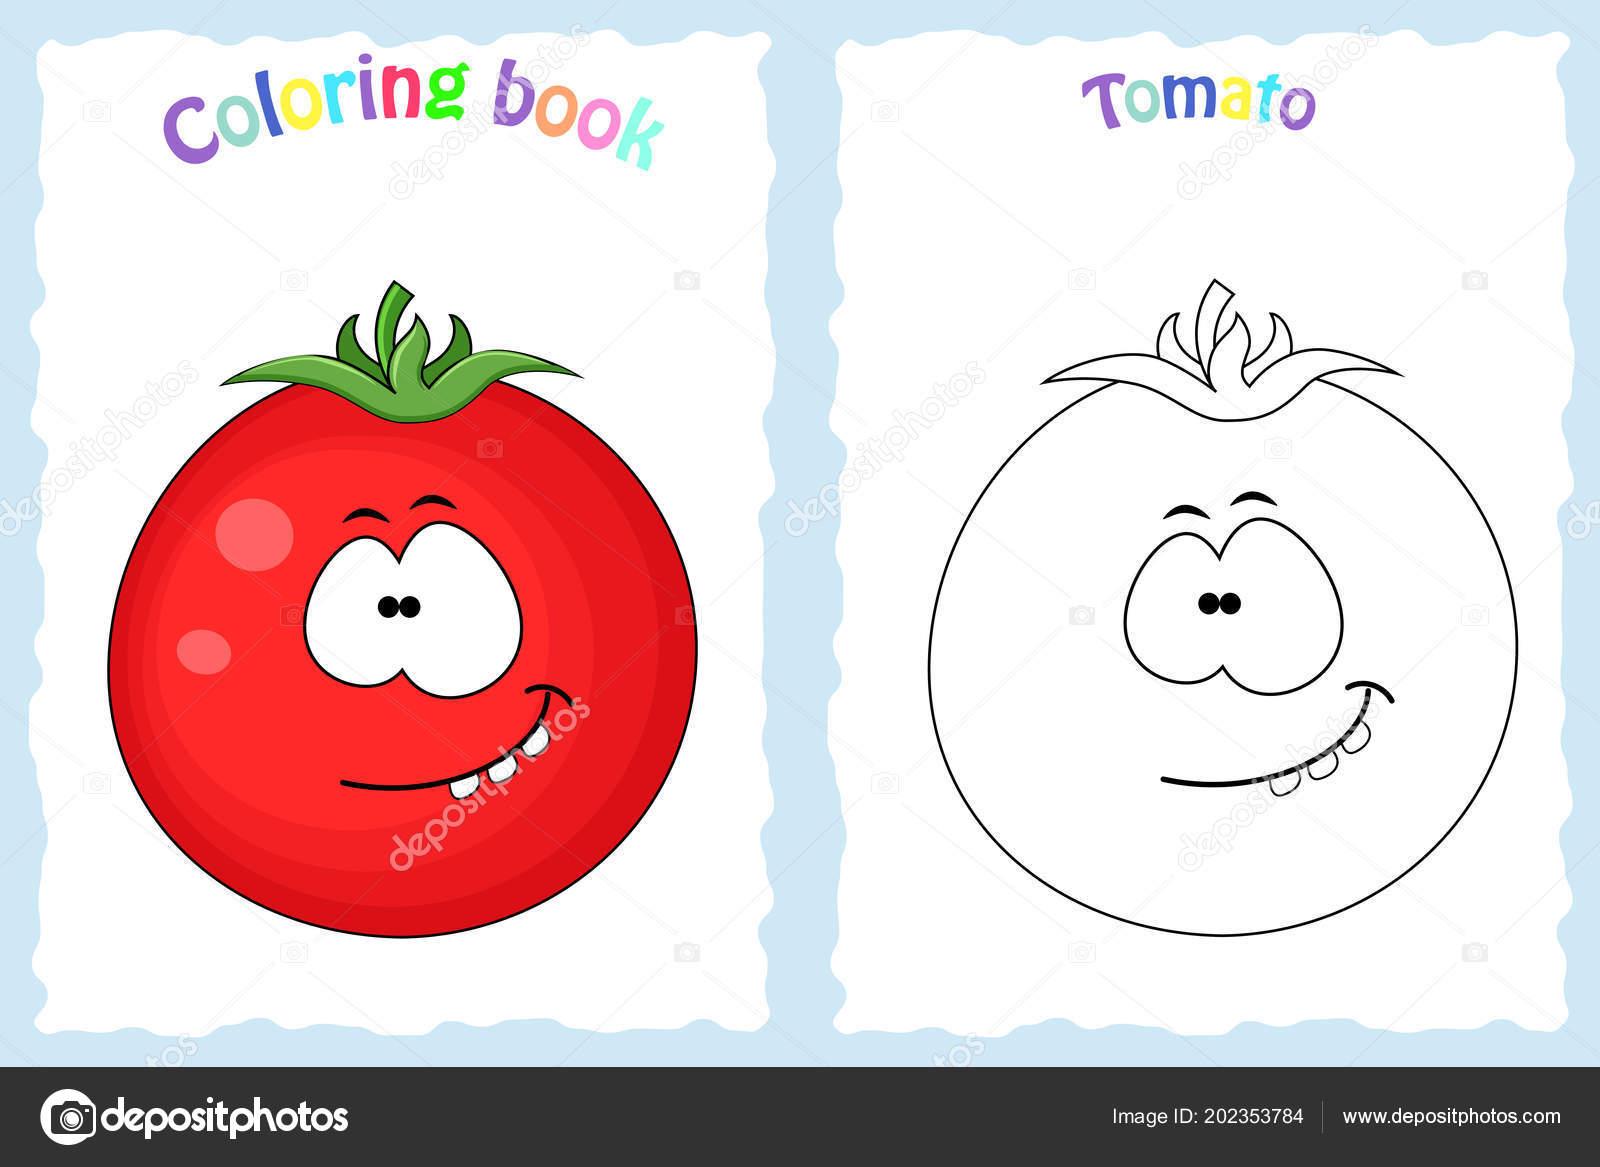 Boyama Kitabı Sayfası Renkli Domates Ve Kroki Olan çocuklar Için